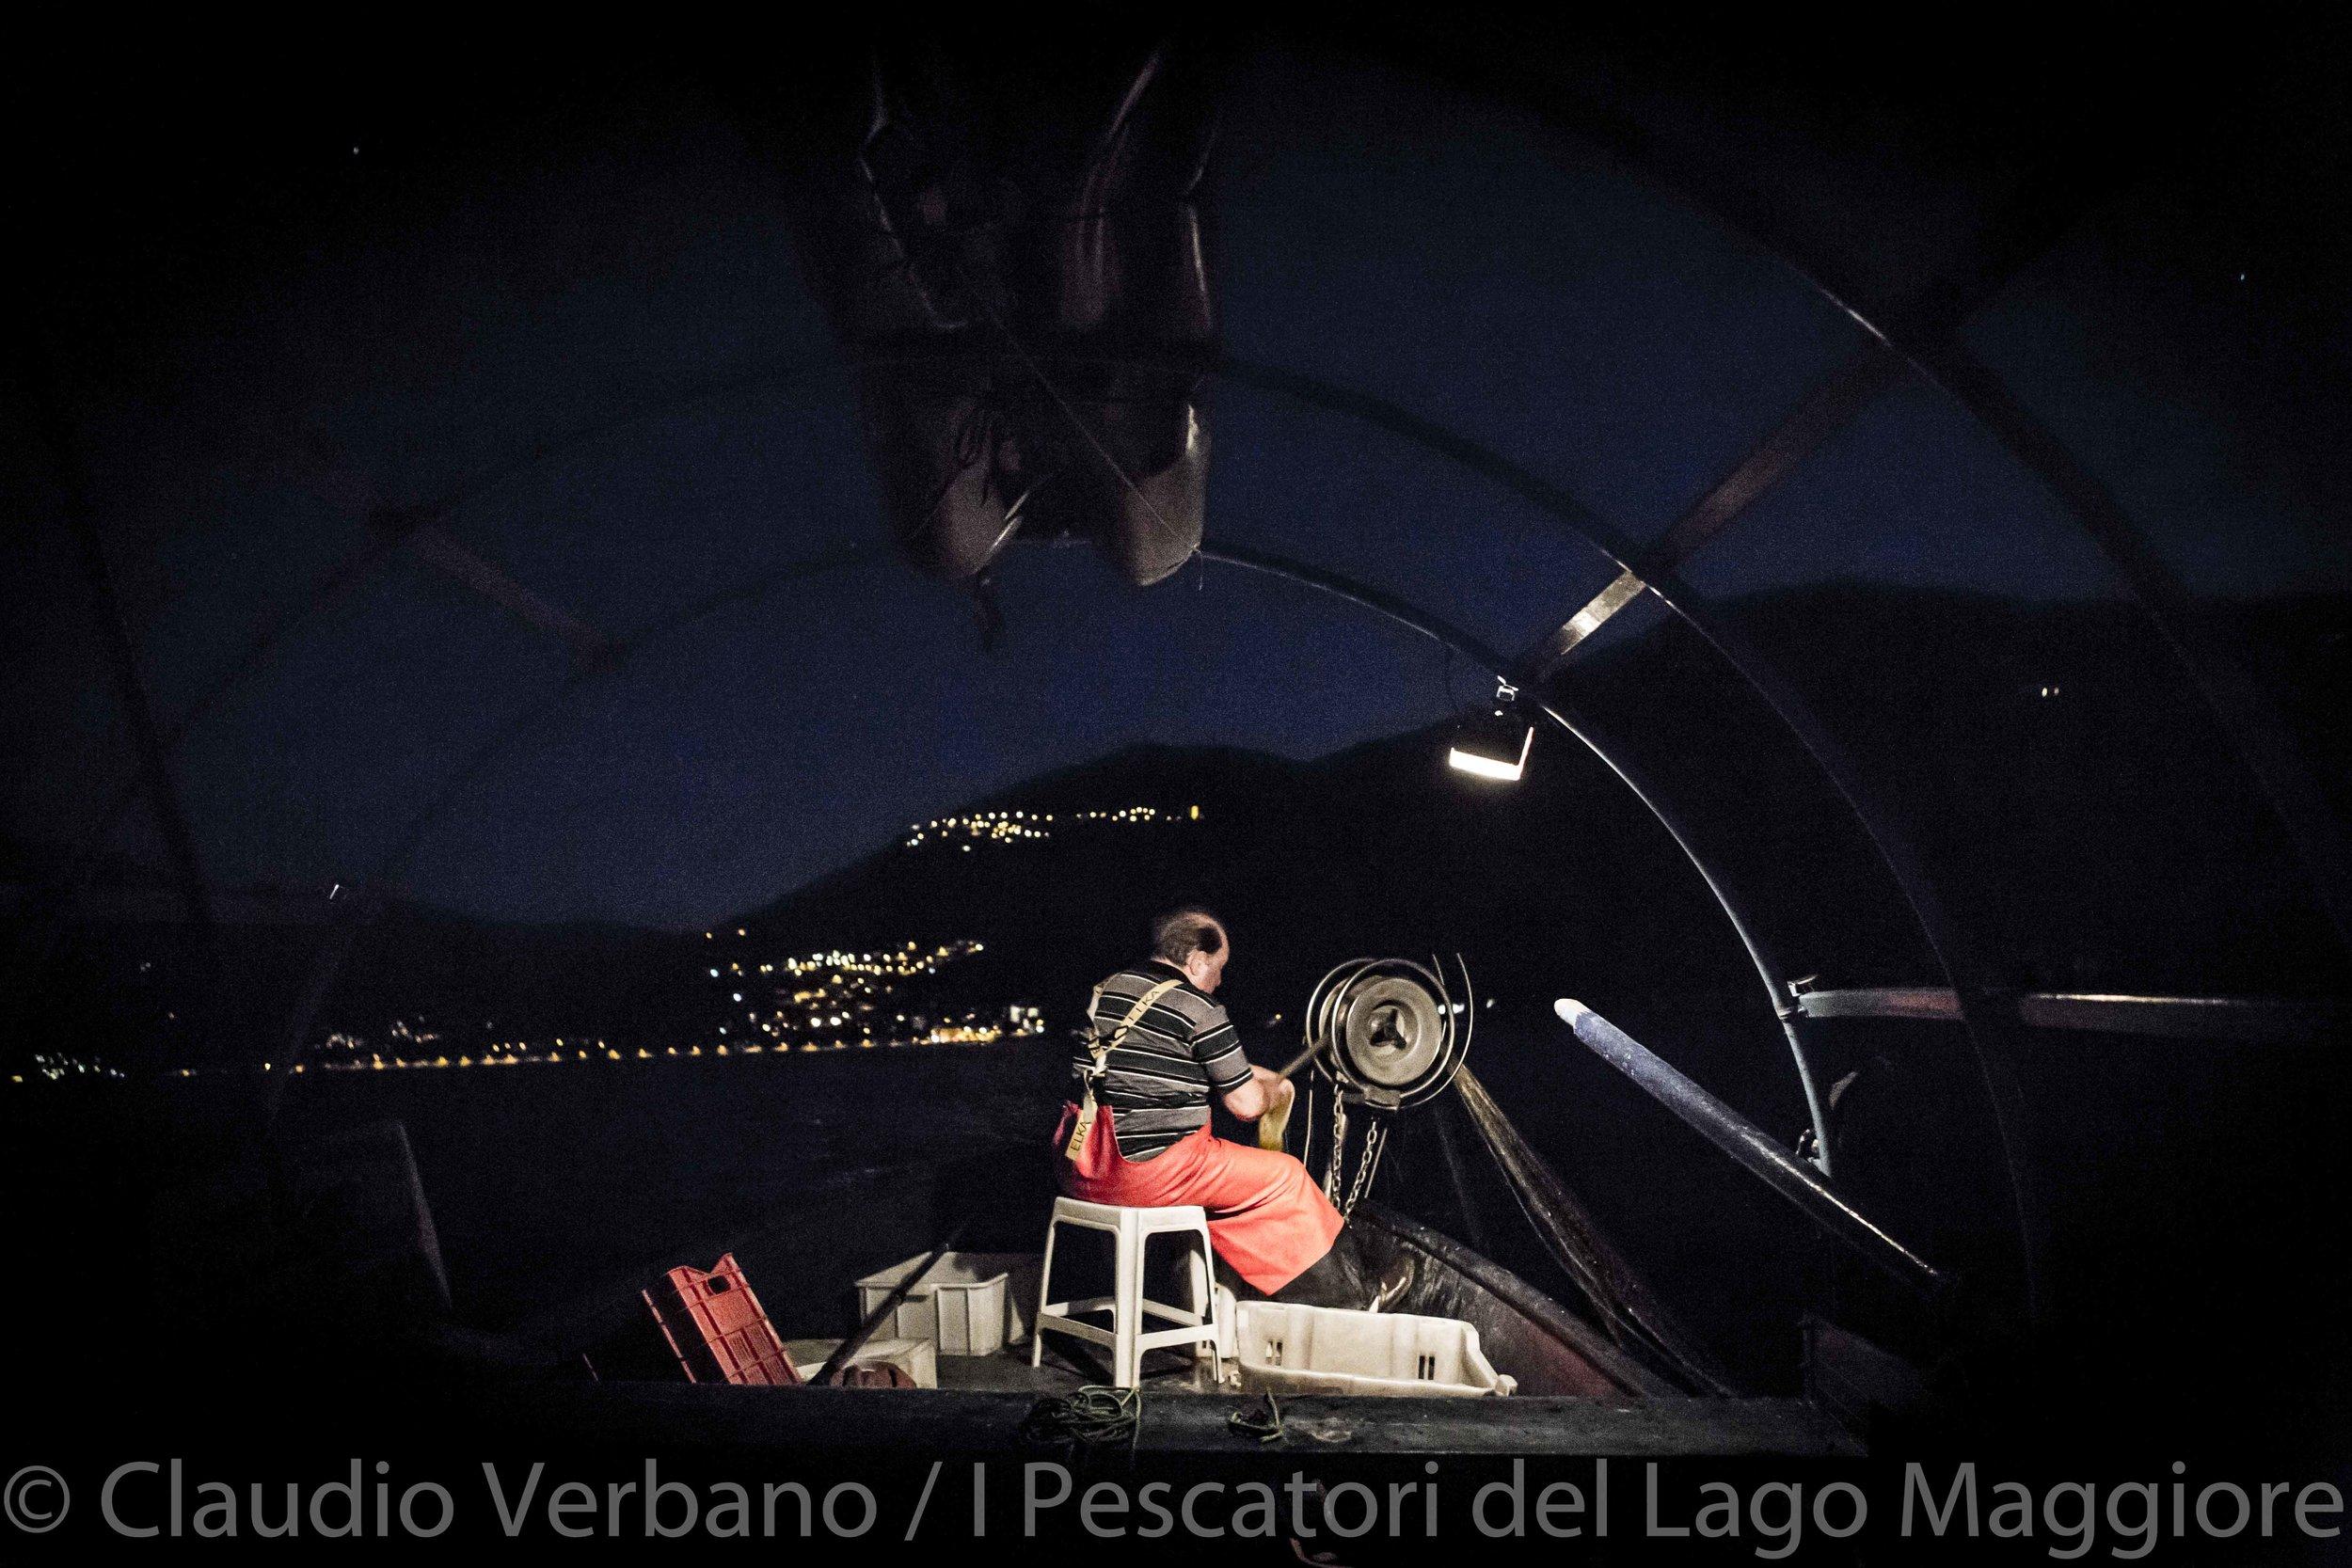 ClaudioVerbano_I Pescatori del Lago Maggiore_29.jpg